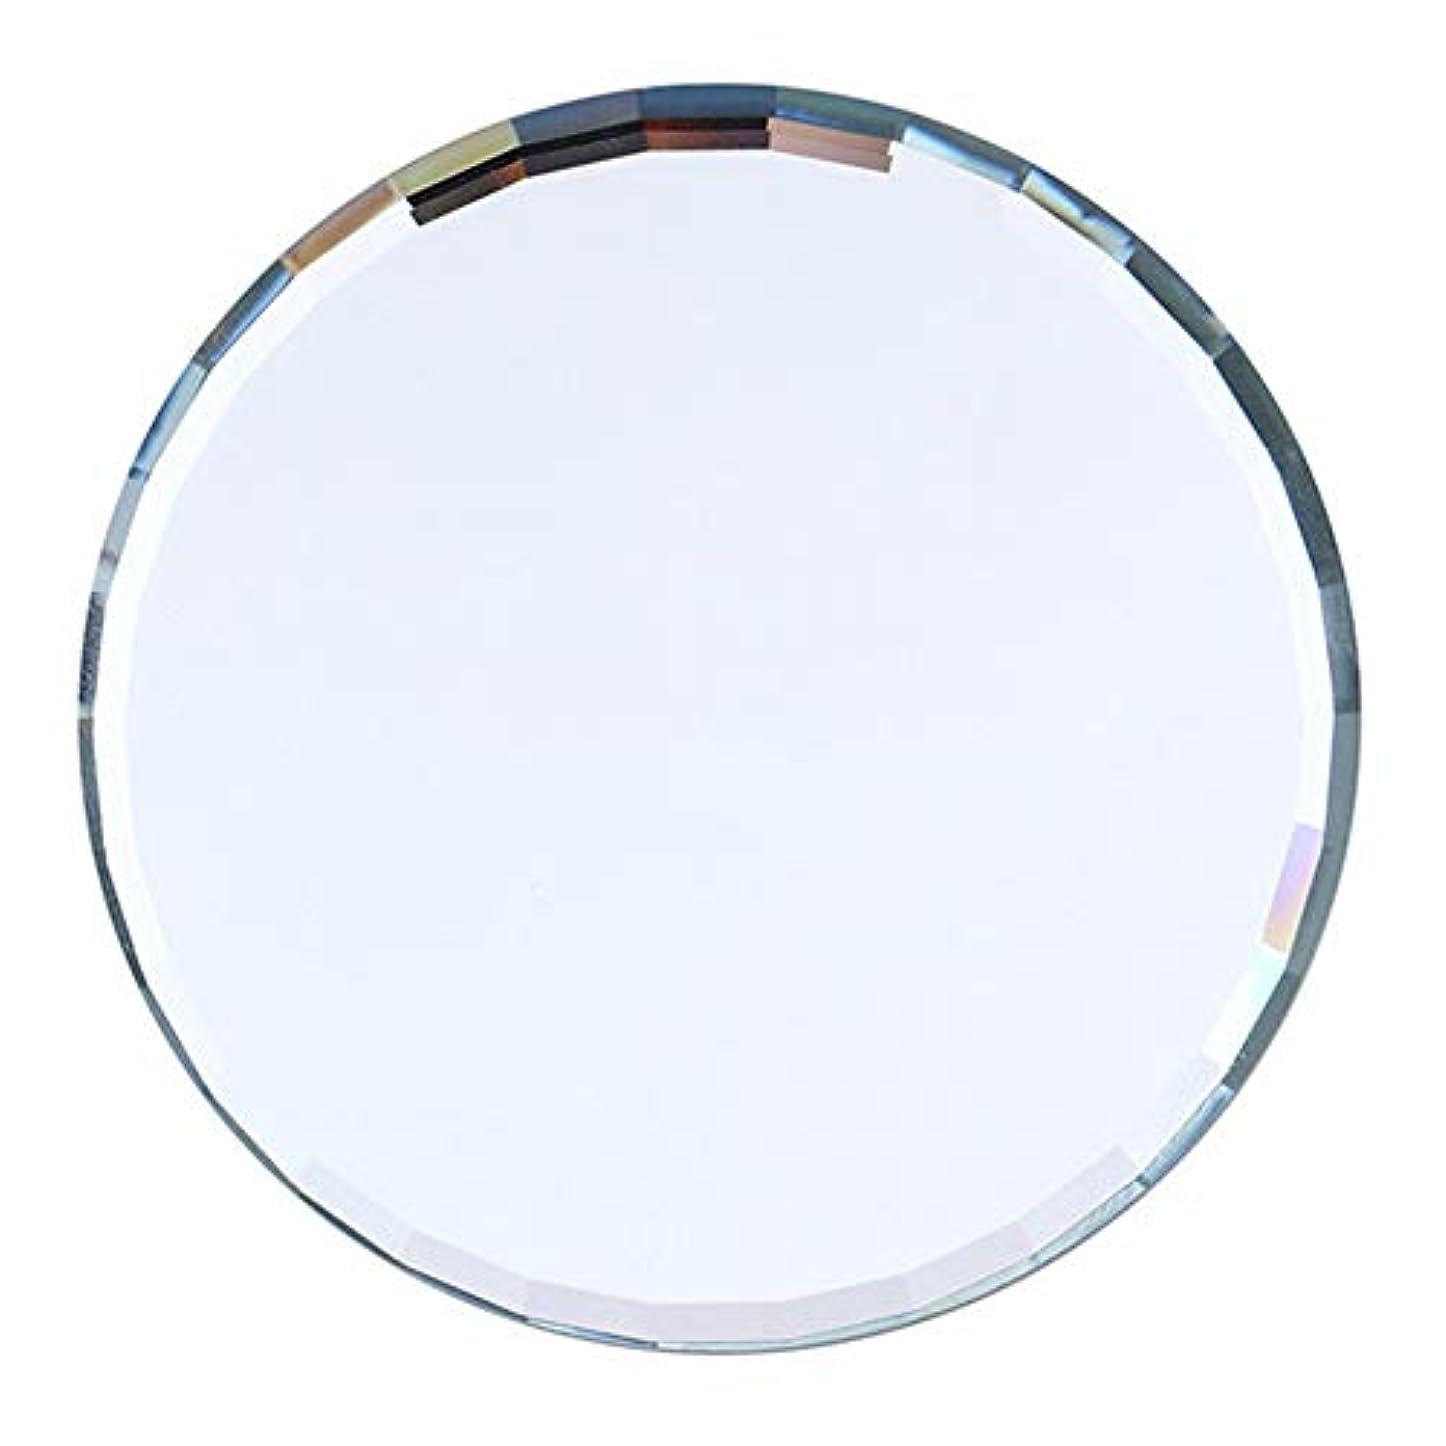 slQinjiansavネイルアート&ツールディスプレイホルダーミラーガラスカラーパレット偽ネイルヒントディスプレイボード練習棚を示す - 青